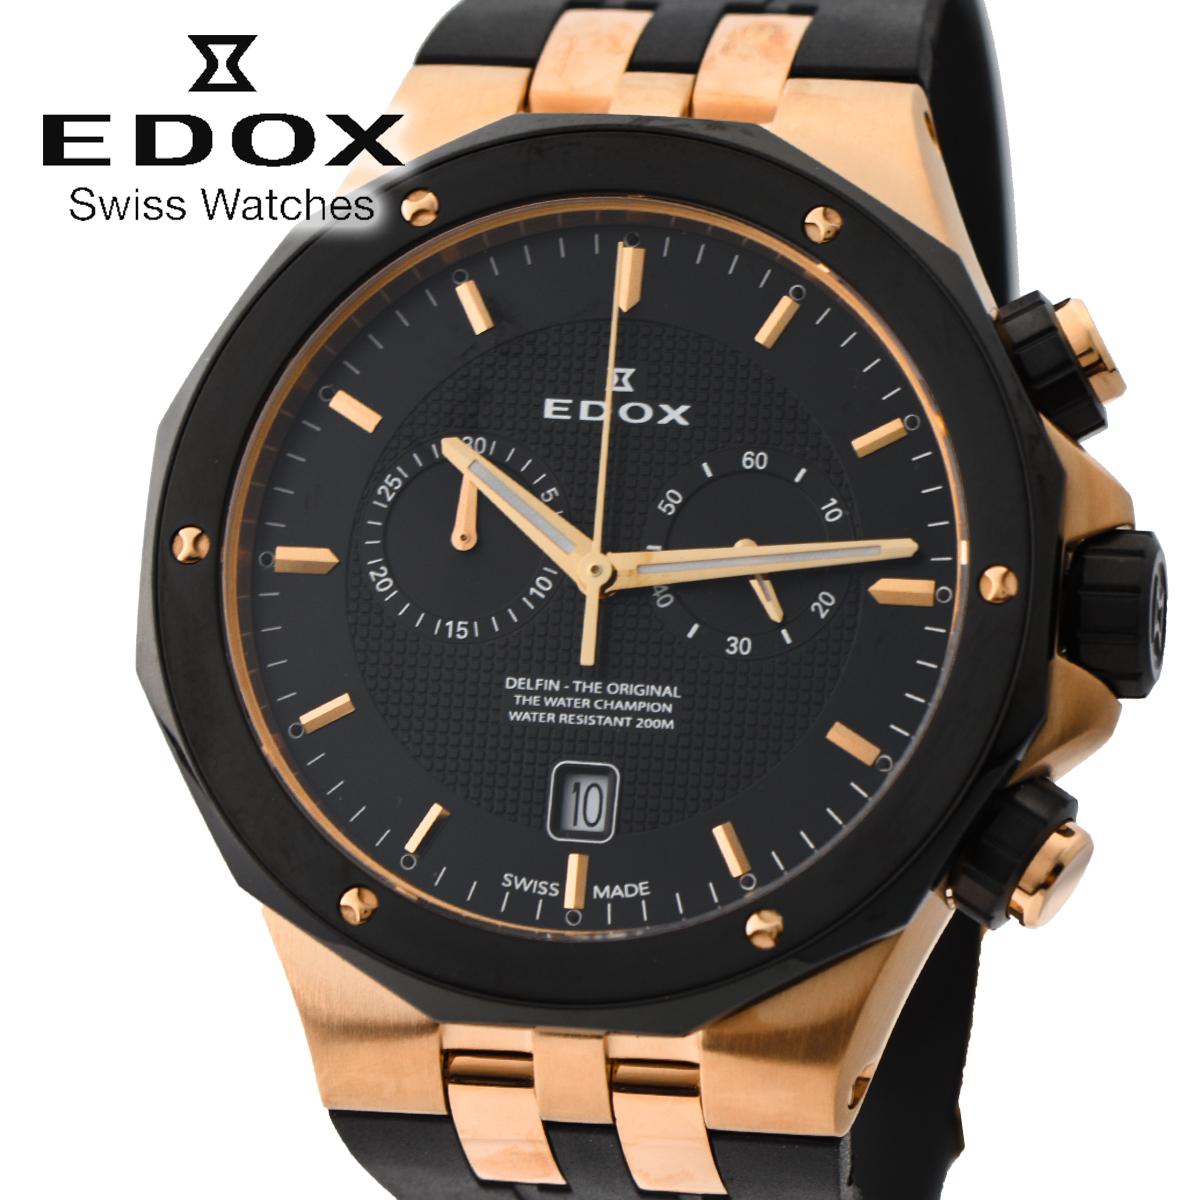 激安 エドックス 海外正規品 送料無料 あす楽 EDOX デルフィン オリジナル カレンダー クロノグラフ 時計 品質検査済 腕時計 10110-357RNCA-NIR メンズ クオーツ